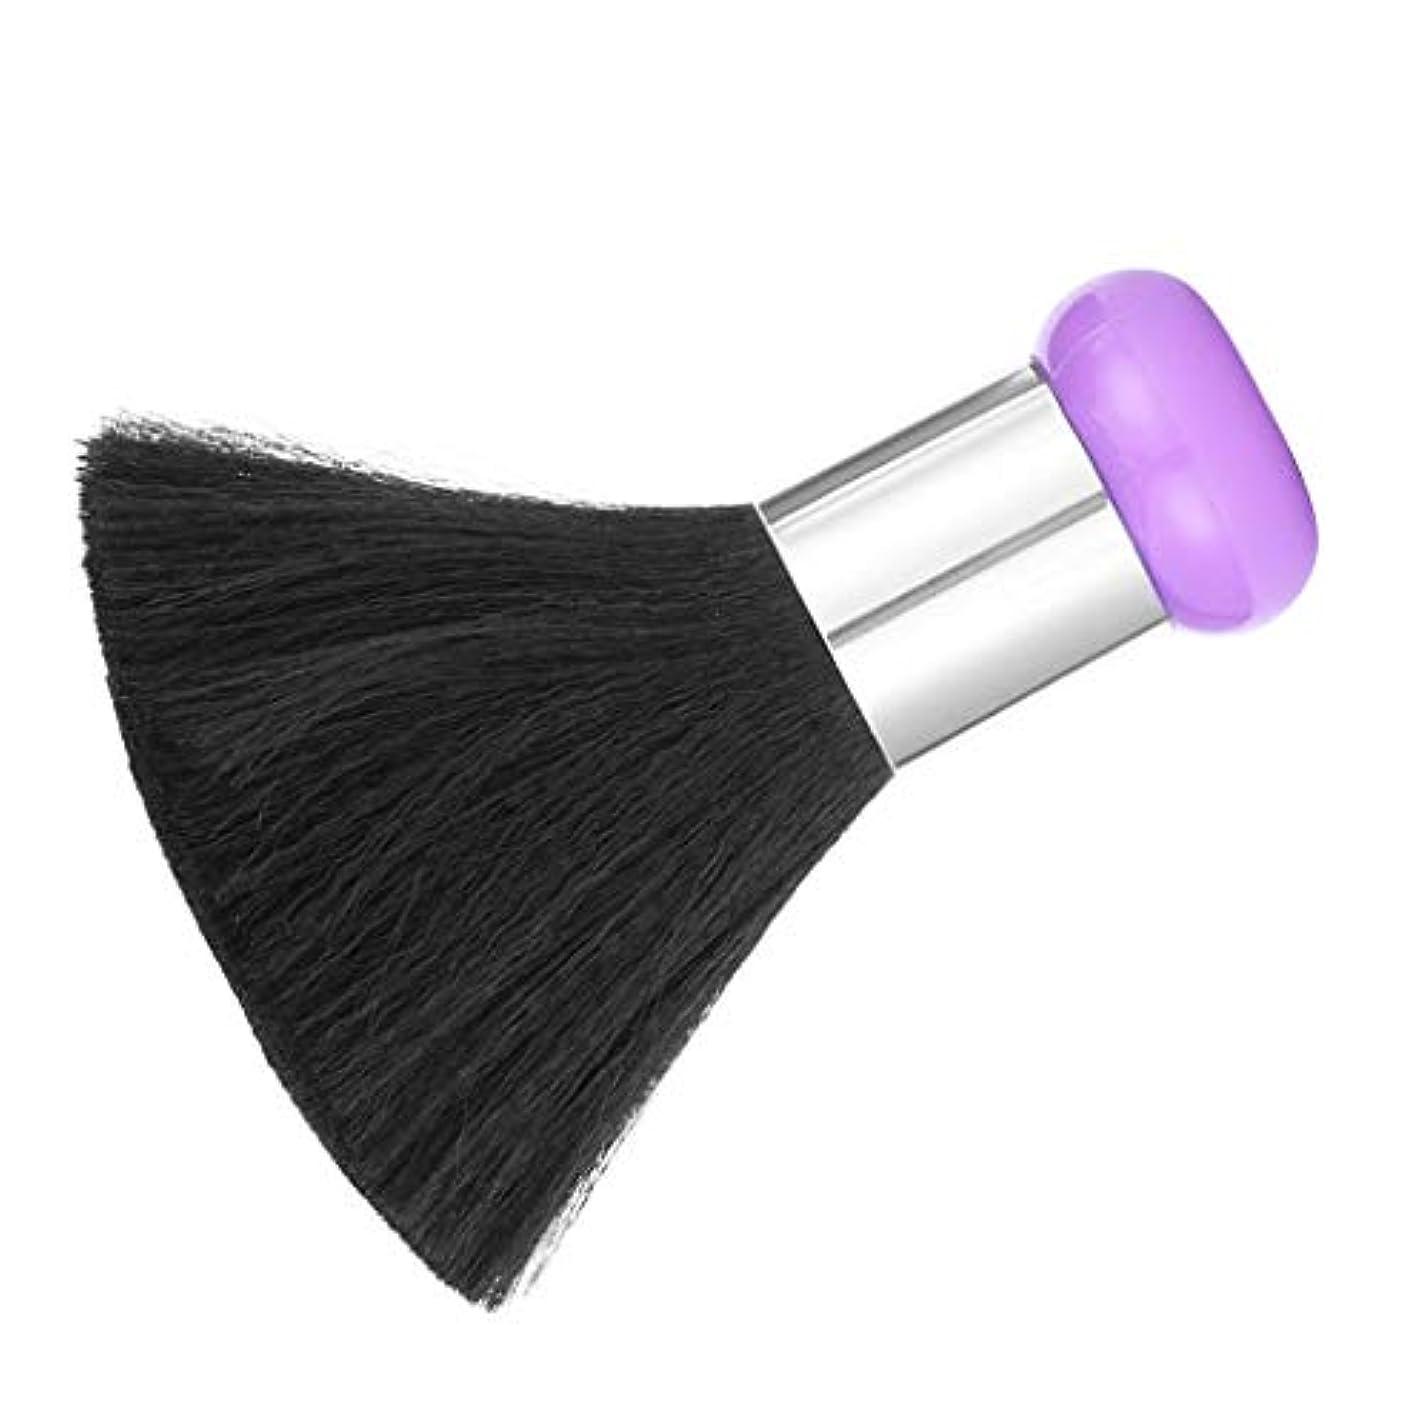 まともなディプロマせっかちヘアカットヘアカットブラシネックダスタークリーニングヘアブラシサロンバーバーツール - 紫